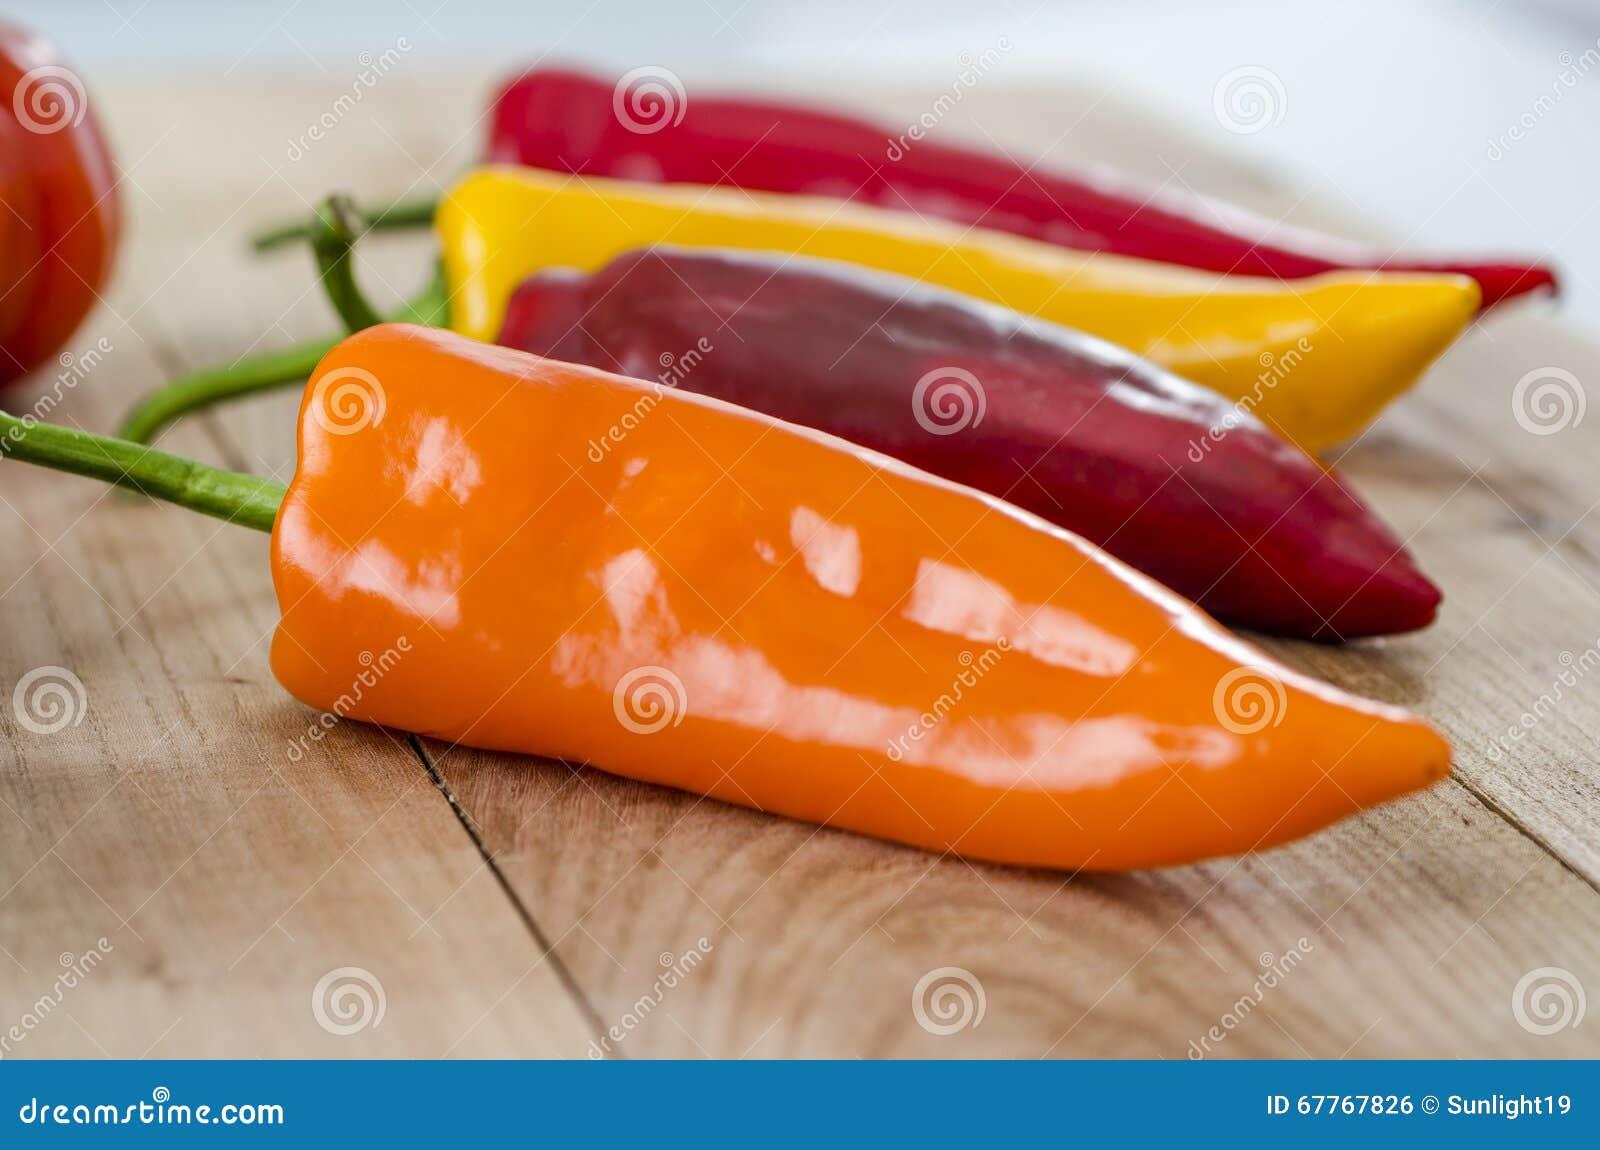 Pomarańcze, kolor żółty, czerwony dzwonkowy pieprz i costoluto genovese pomidor,